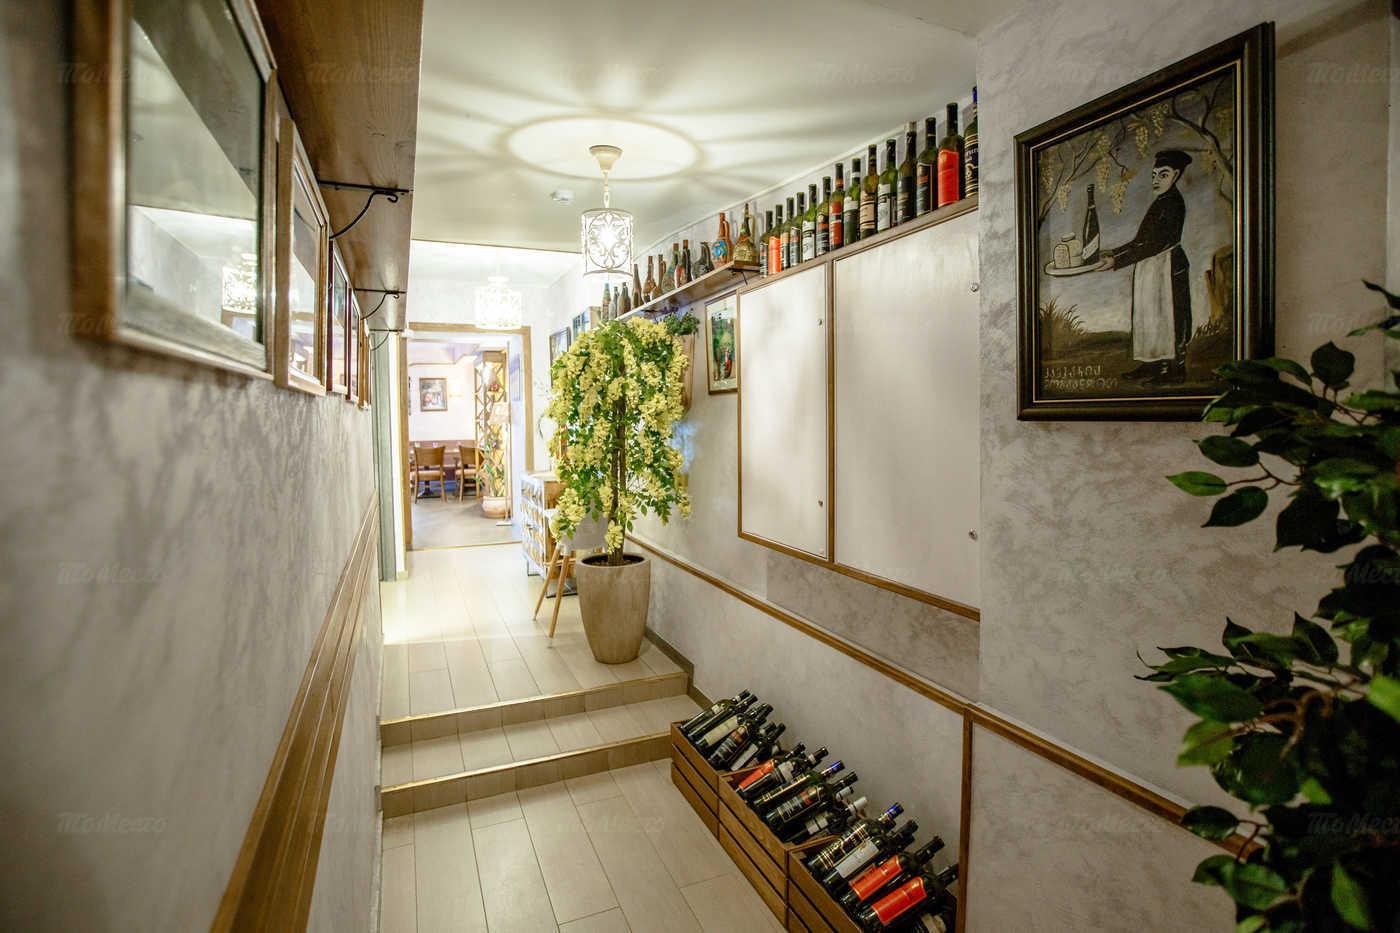 Кафе Этнос в Кузнечном переулке фото 7